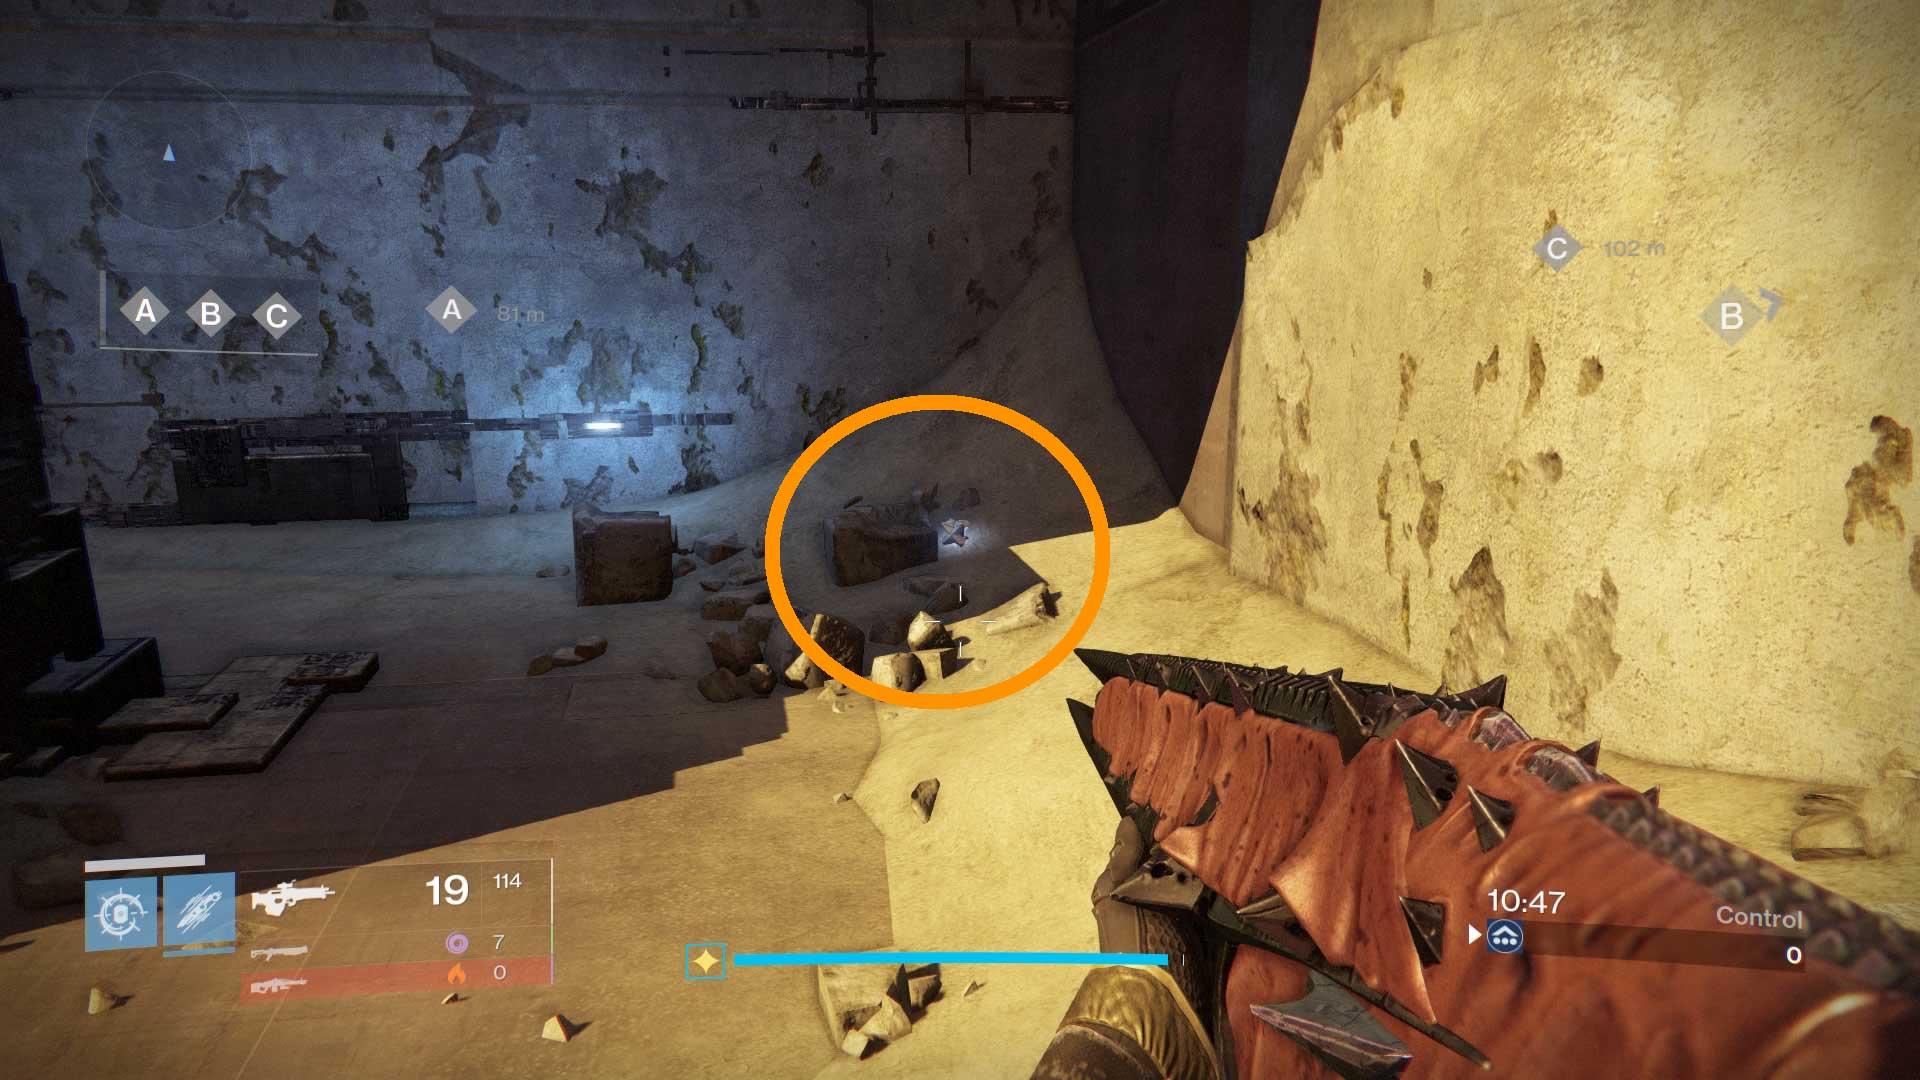 destiny_rise_of_iron_new_crucible_map_dead_ghosts_locations_visual_guide_vertigo_2